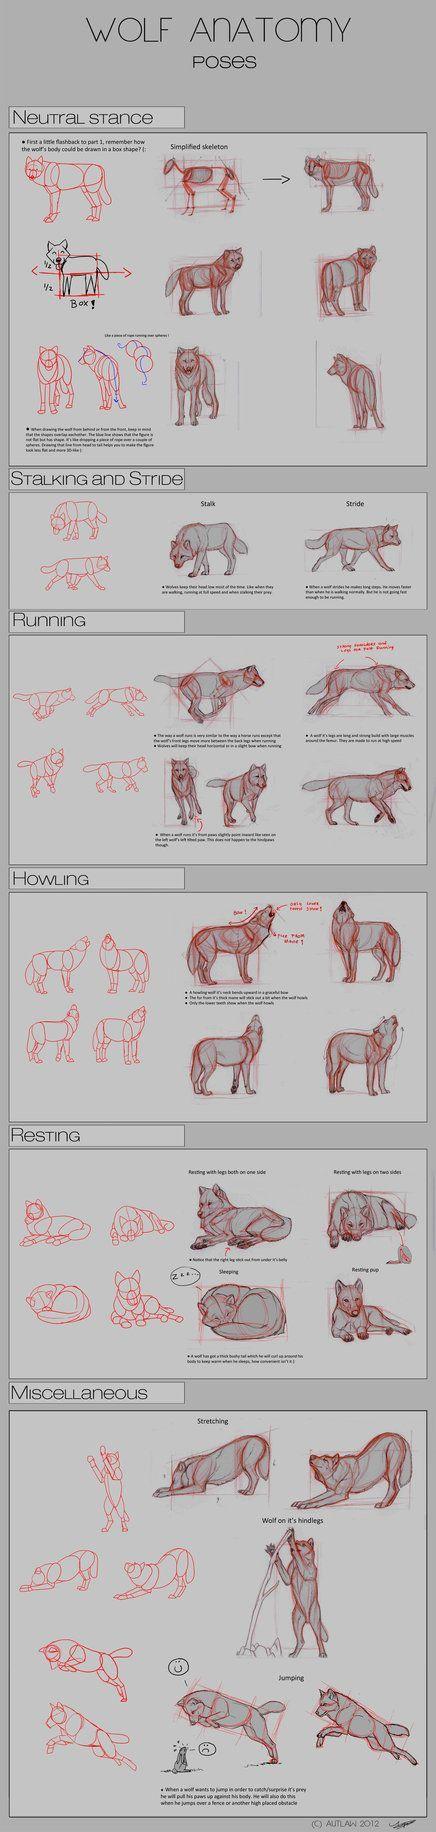 Jak rysować poszczególne pozycje wilka